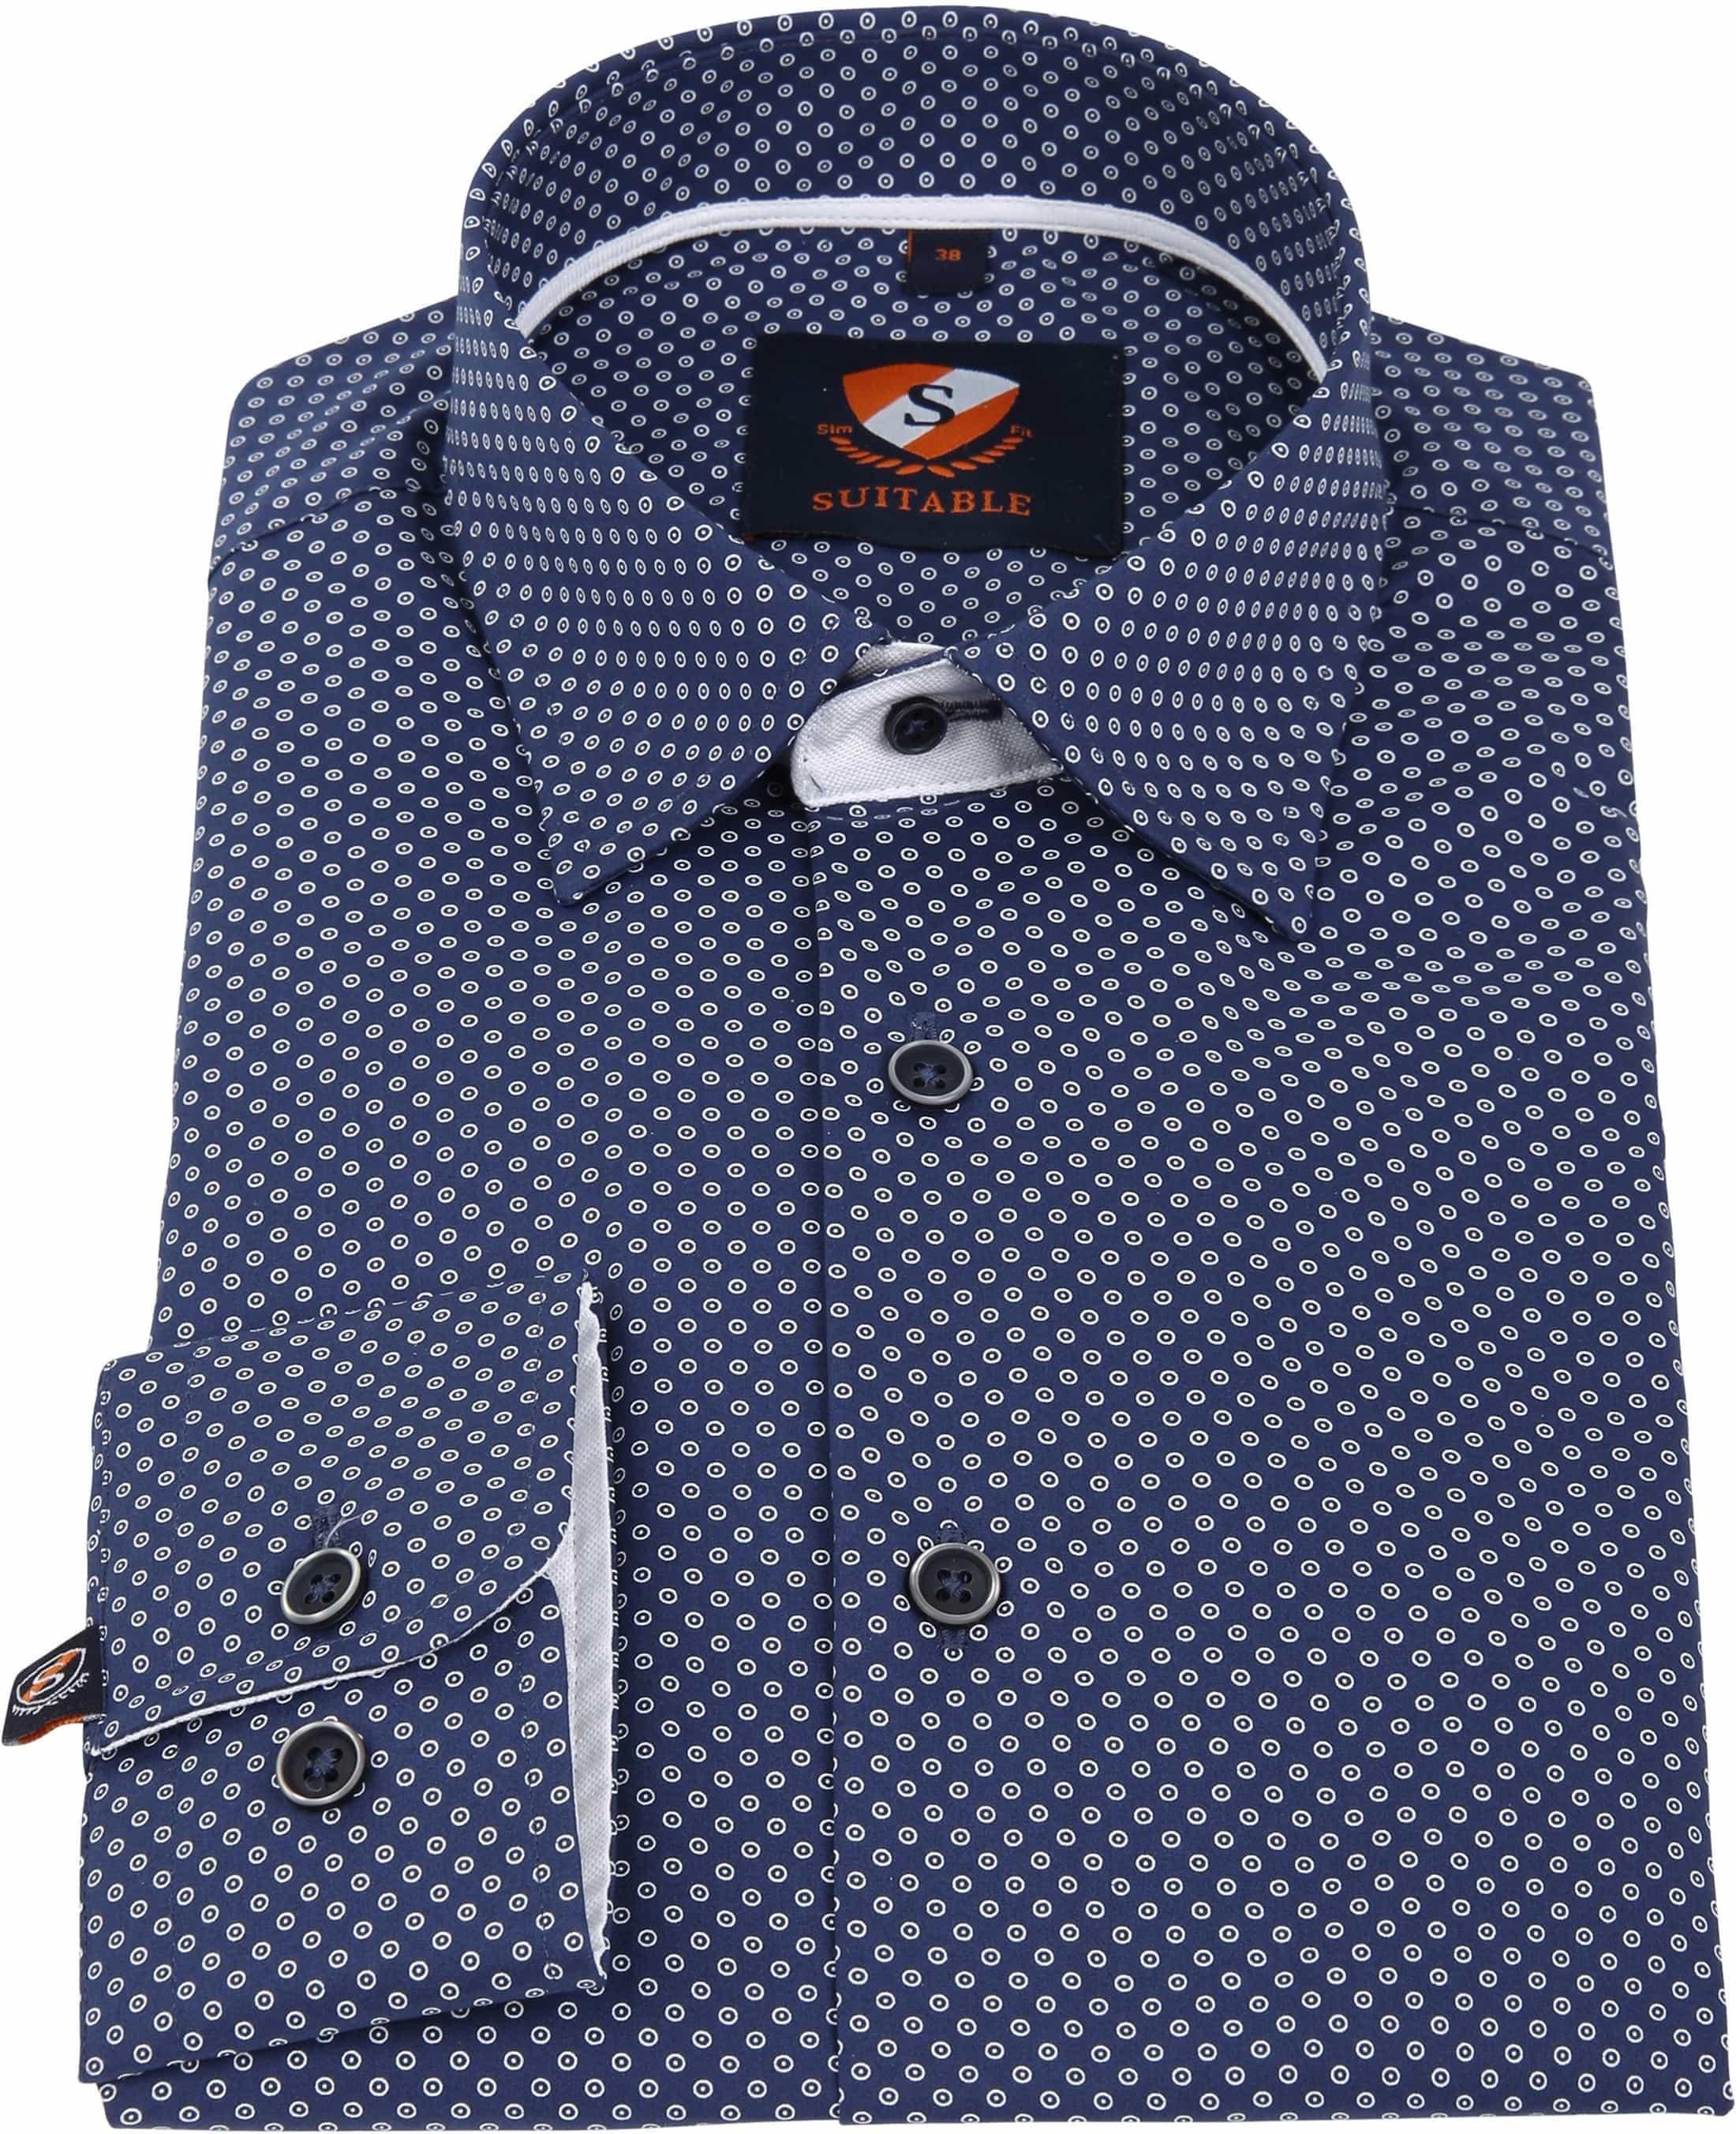 Suitable Overhemd Navy 183-6 foto 2